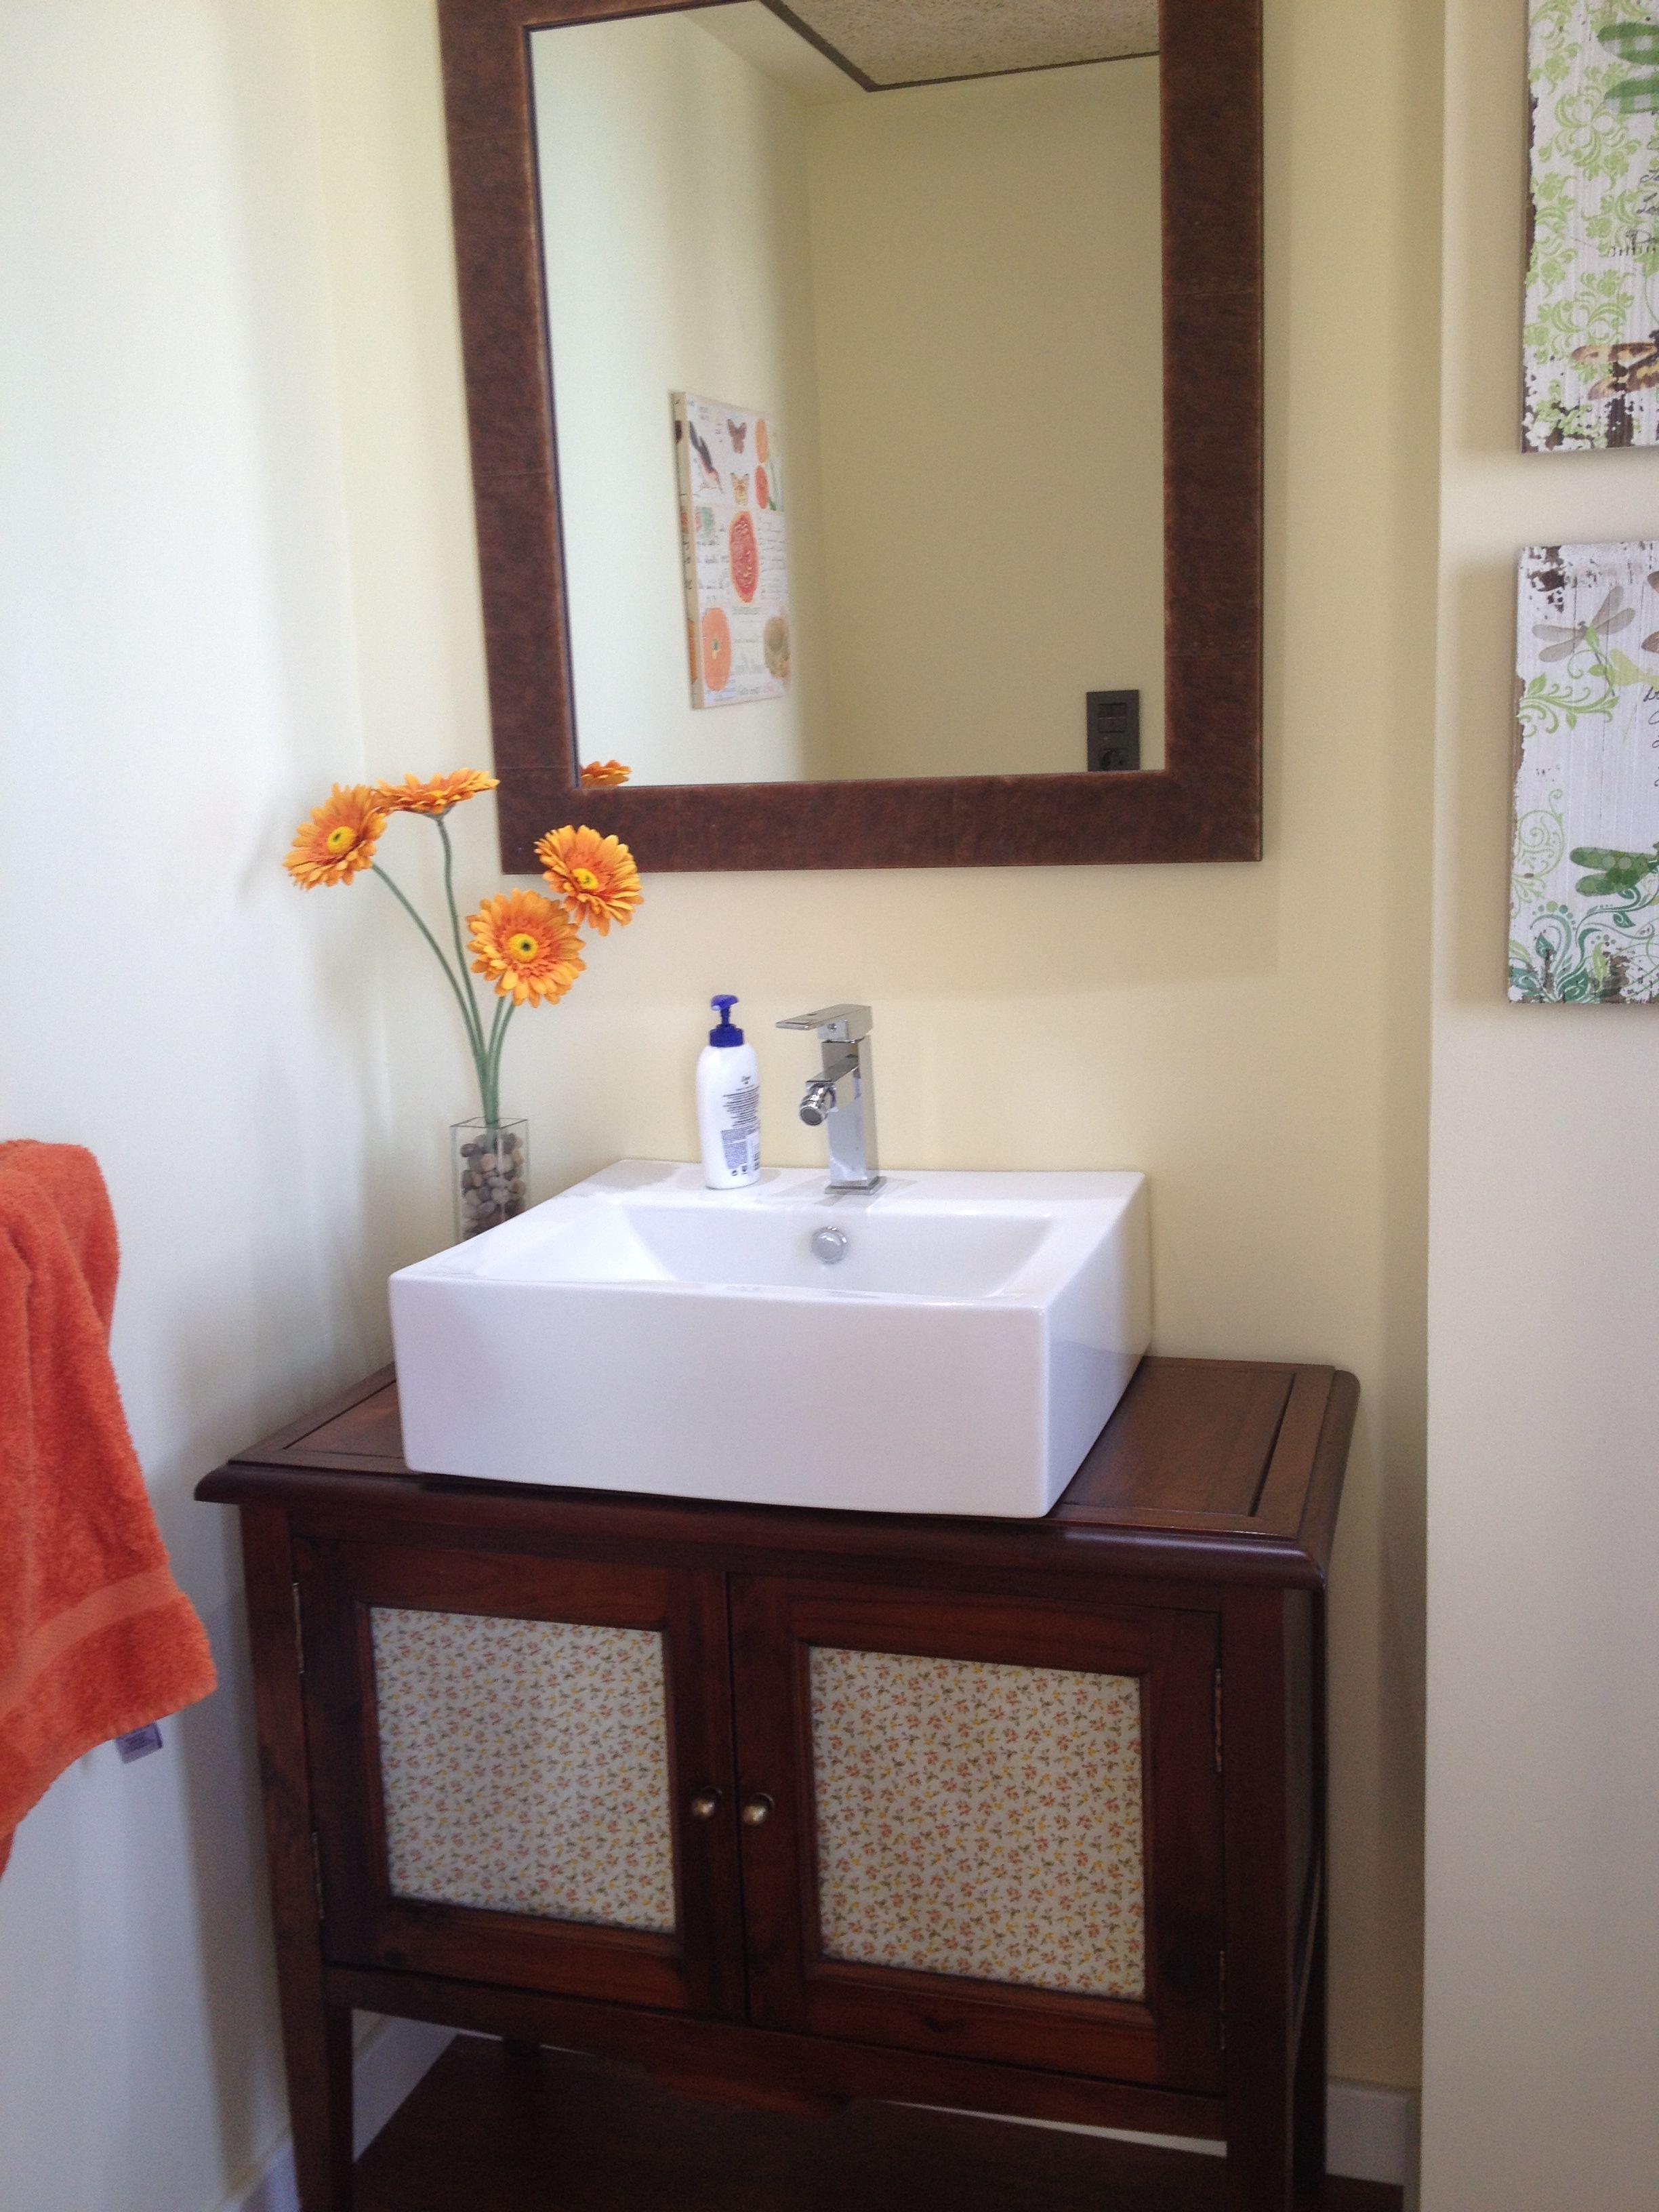 Organizador De Baño Homecenter:de mueble bar a mueble de baño